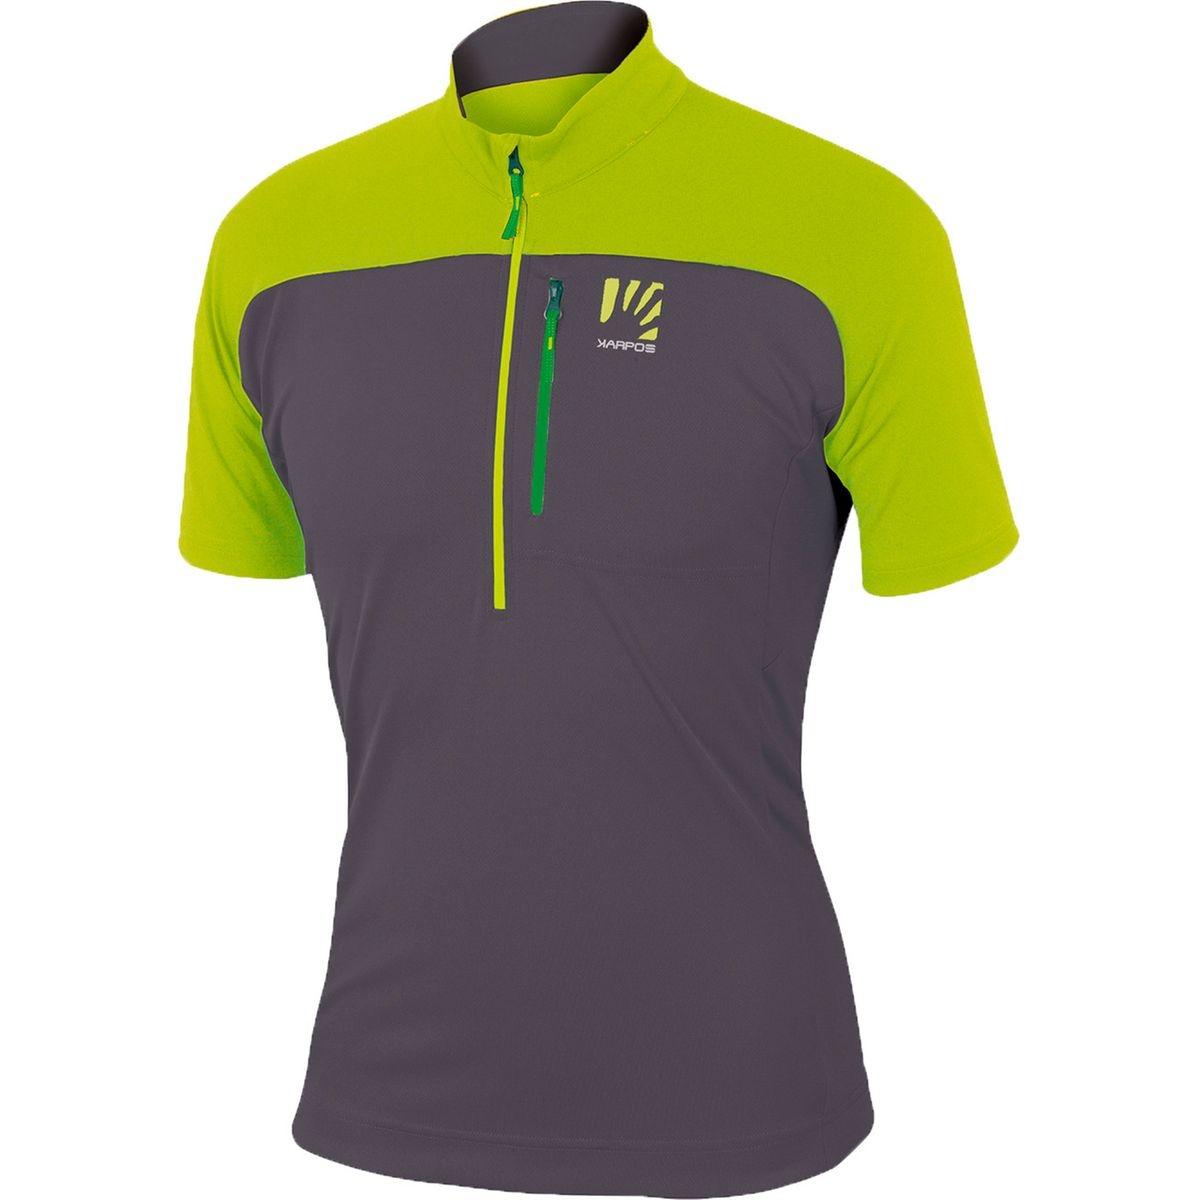 Roccia - T-shirt manches courtes Homme - gris/vert